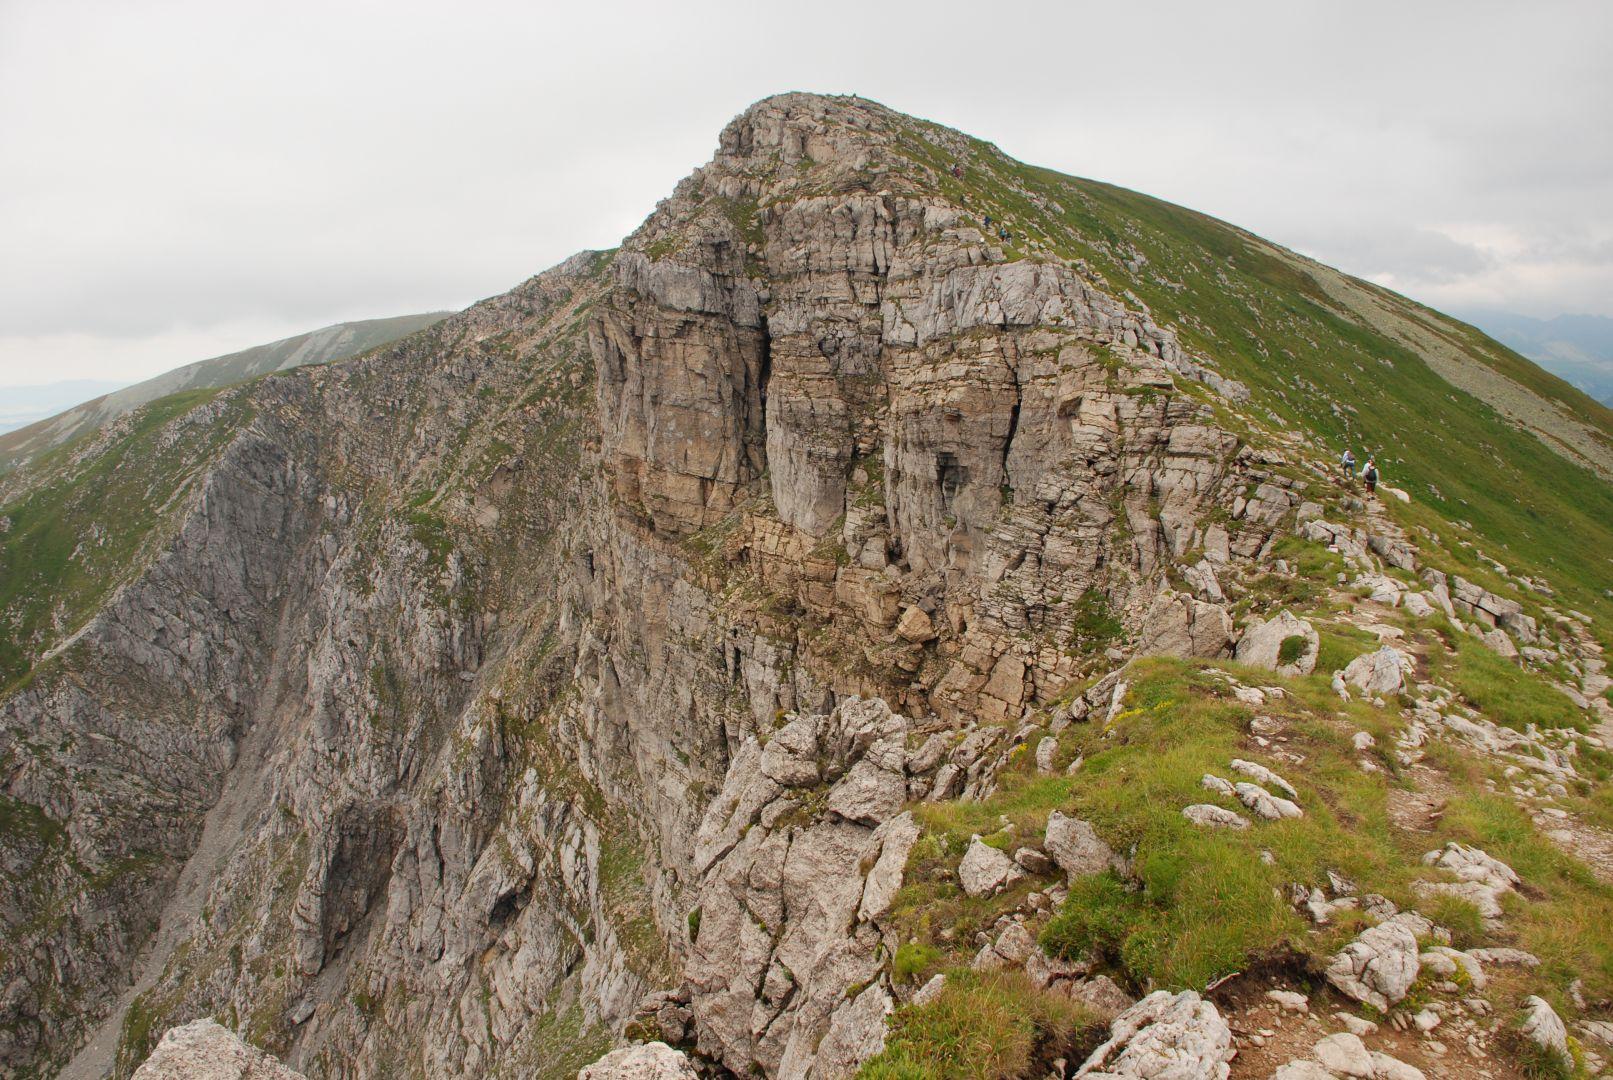 Widok na Krzesanicę z Mułowej Przełęczy